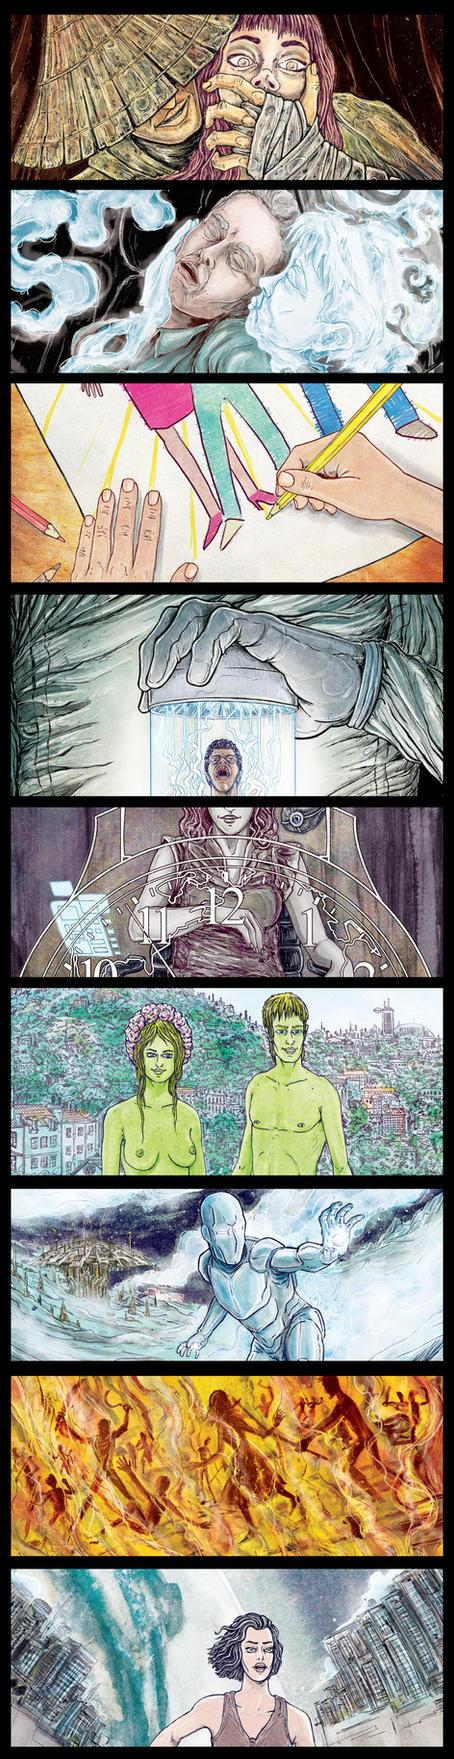 The Solarpunk Anthology Illustrations by Baetones